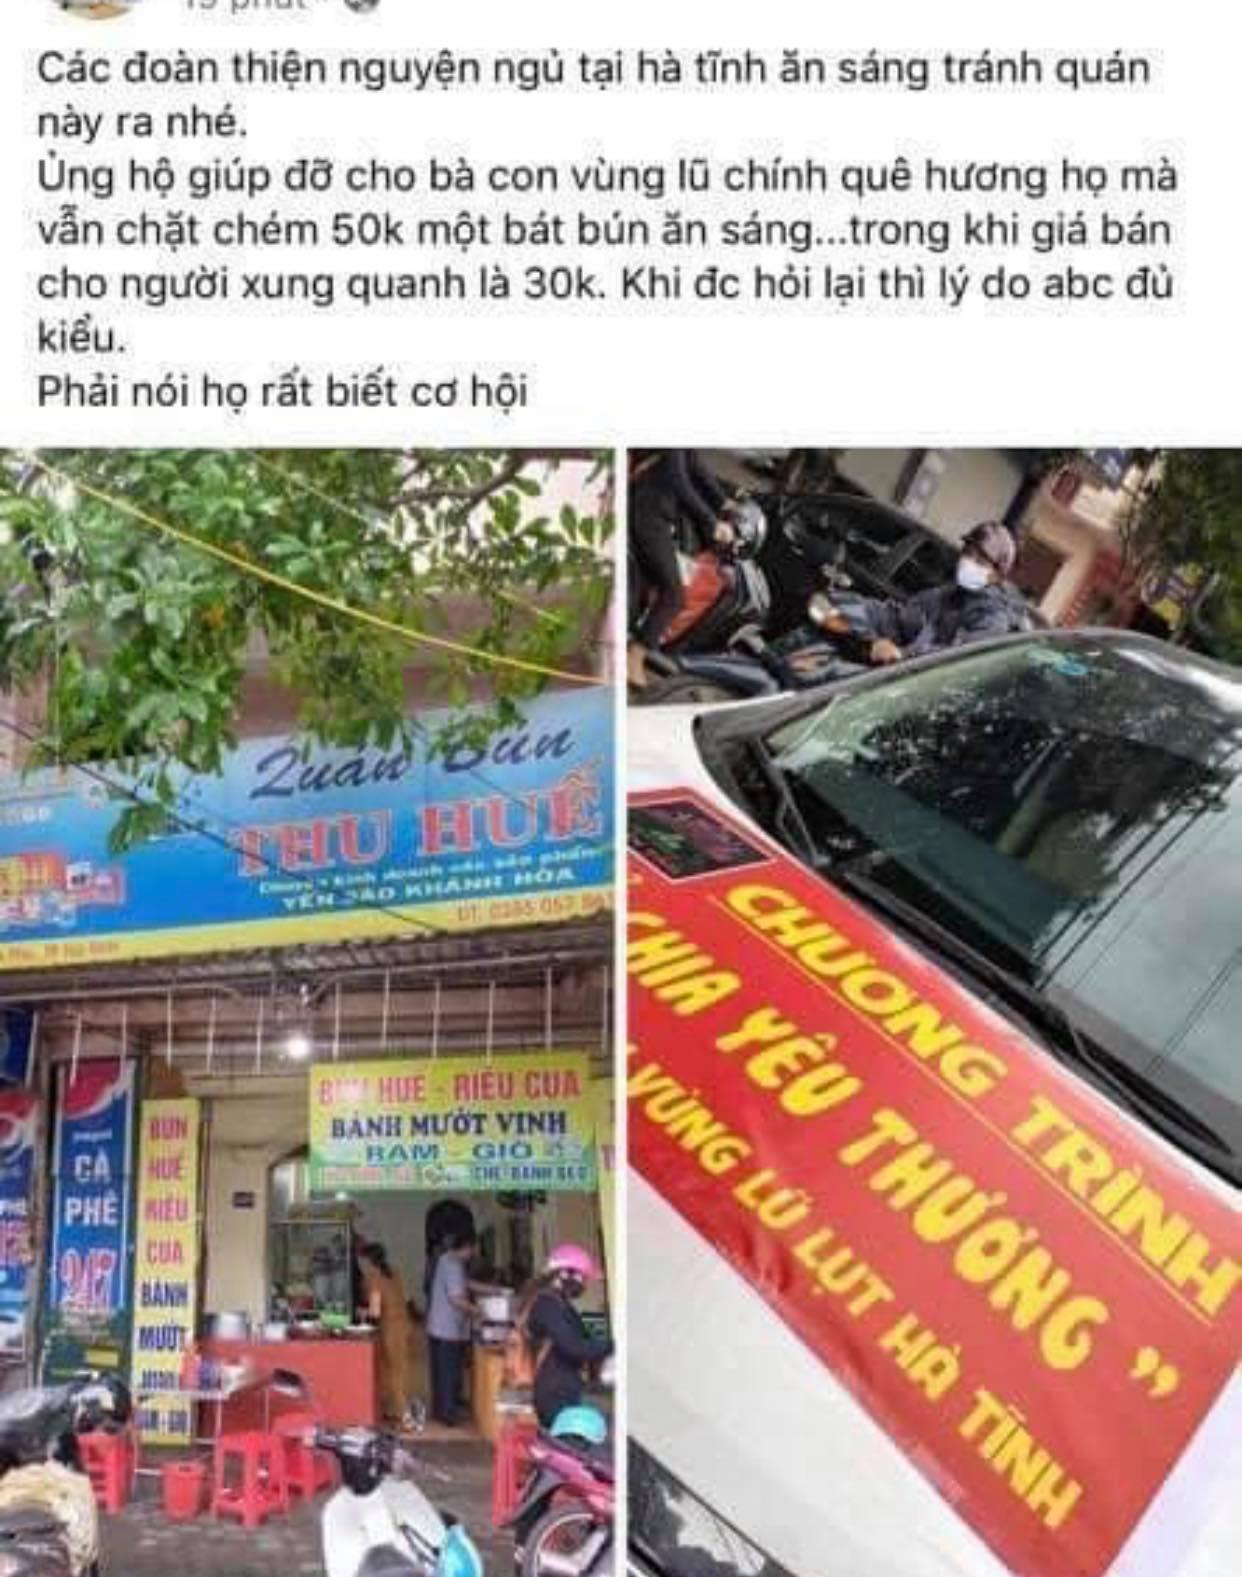 Phạt quán bún nâng giá bán cho đoàn cứu trợ lũ lụt ở Hà Tĩnh